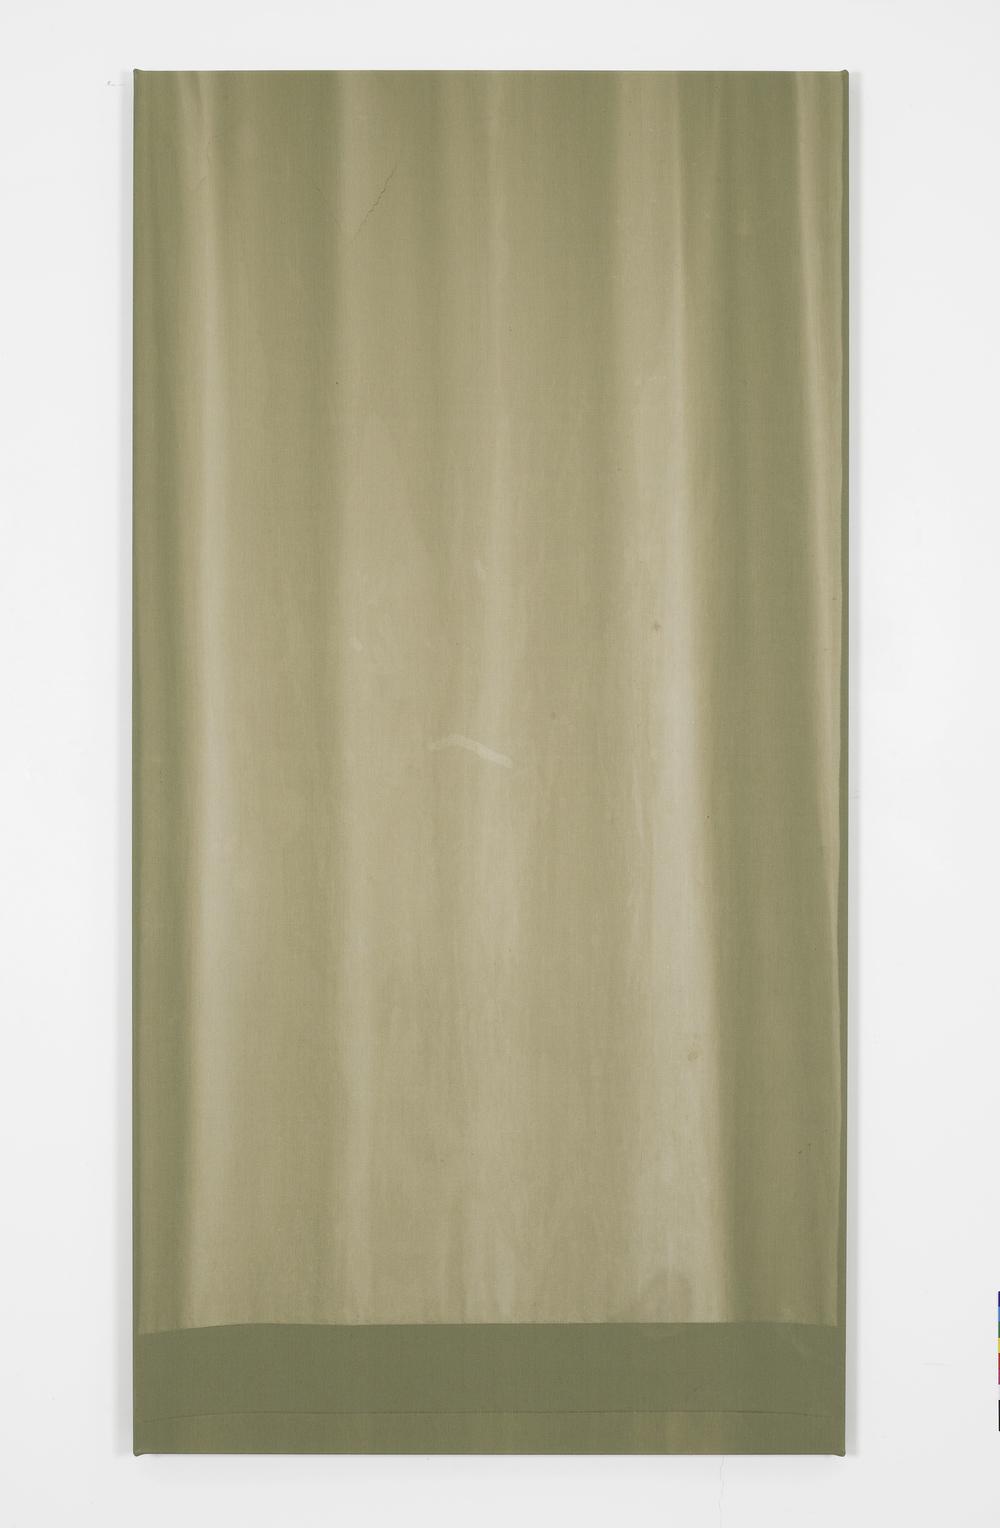 Marie Lund, Stills, 2014. Tende trovate, telai di legno, 3 elementi, 195 x 100 cm ciascuno (Courtesy Galleria Laura Bartlett, Londra)